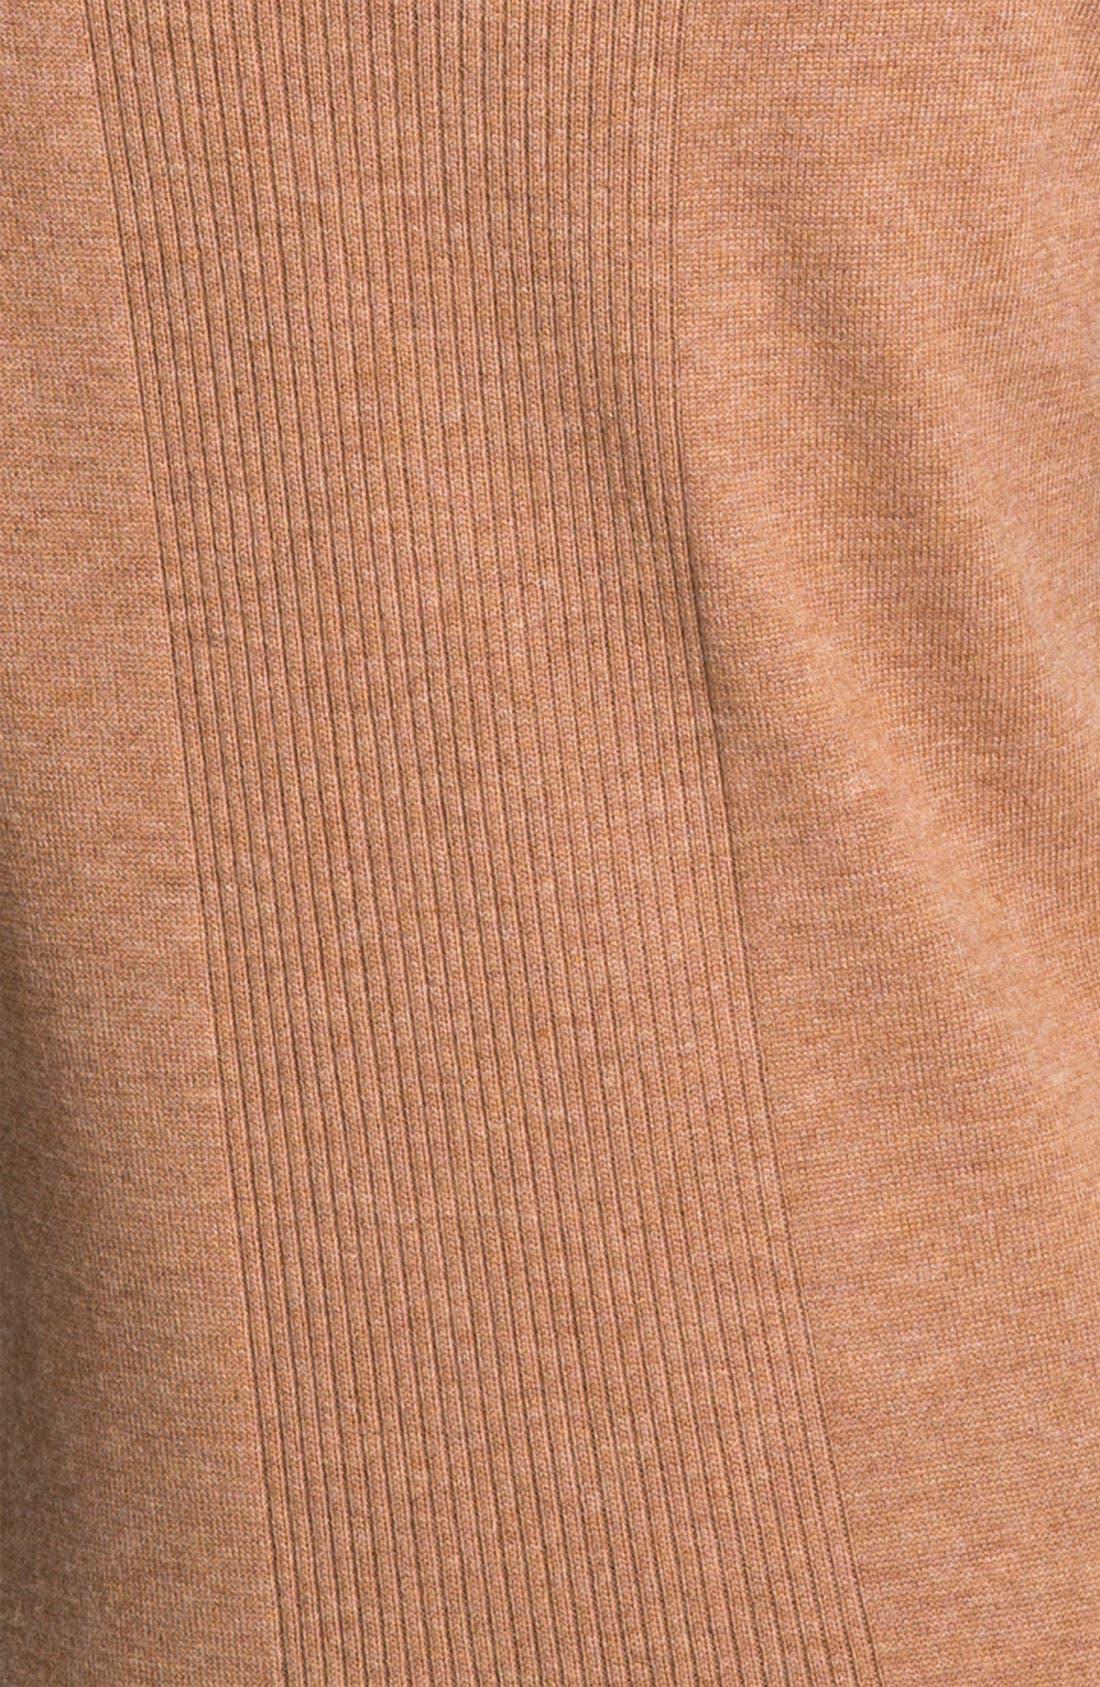 Alternate Image 3  - Tory Burch 'Alora' Half Zip Sweater (Online Exclusive)